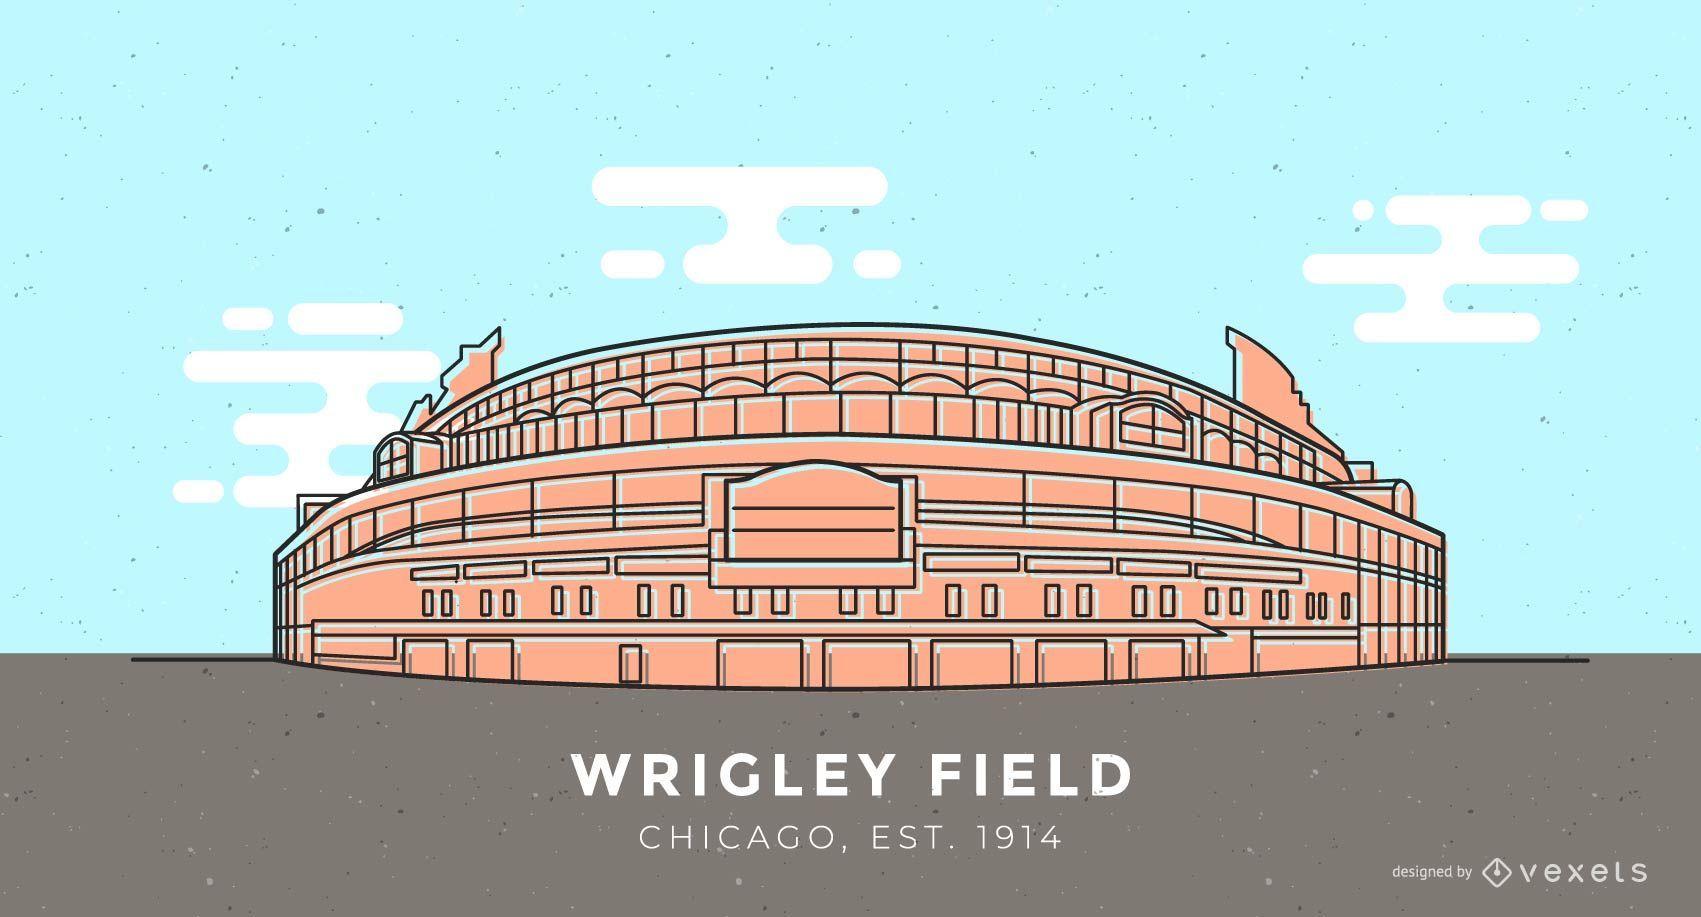 Ilustraci?n del estadio de b?isbol Wrigley Field